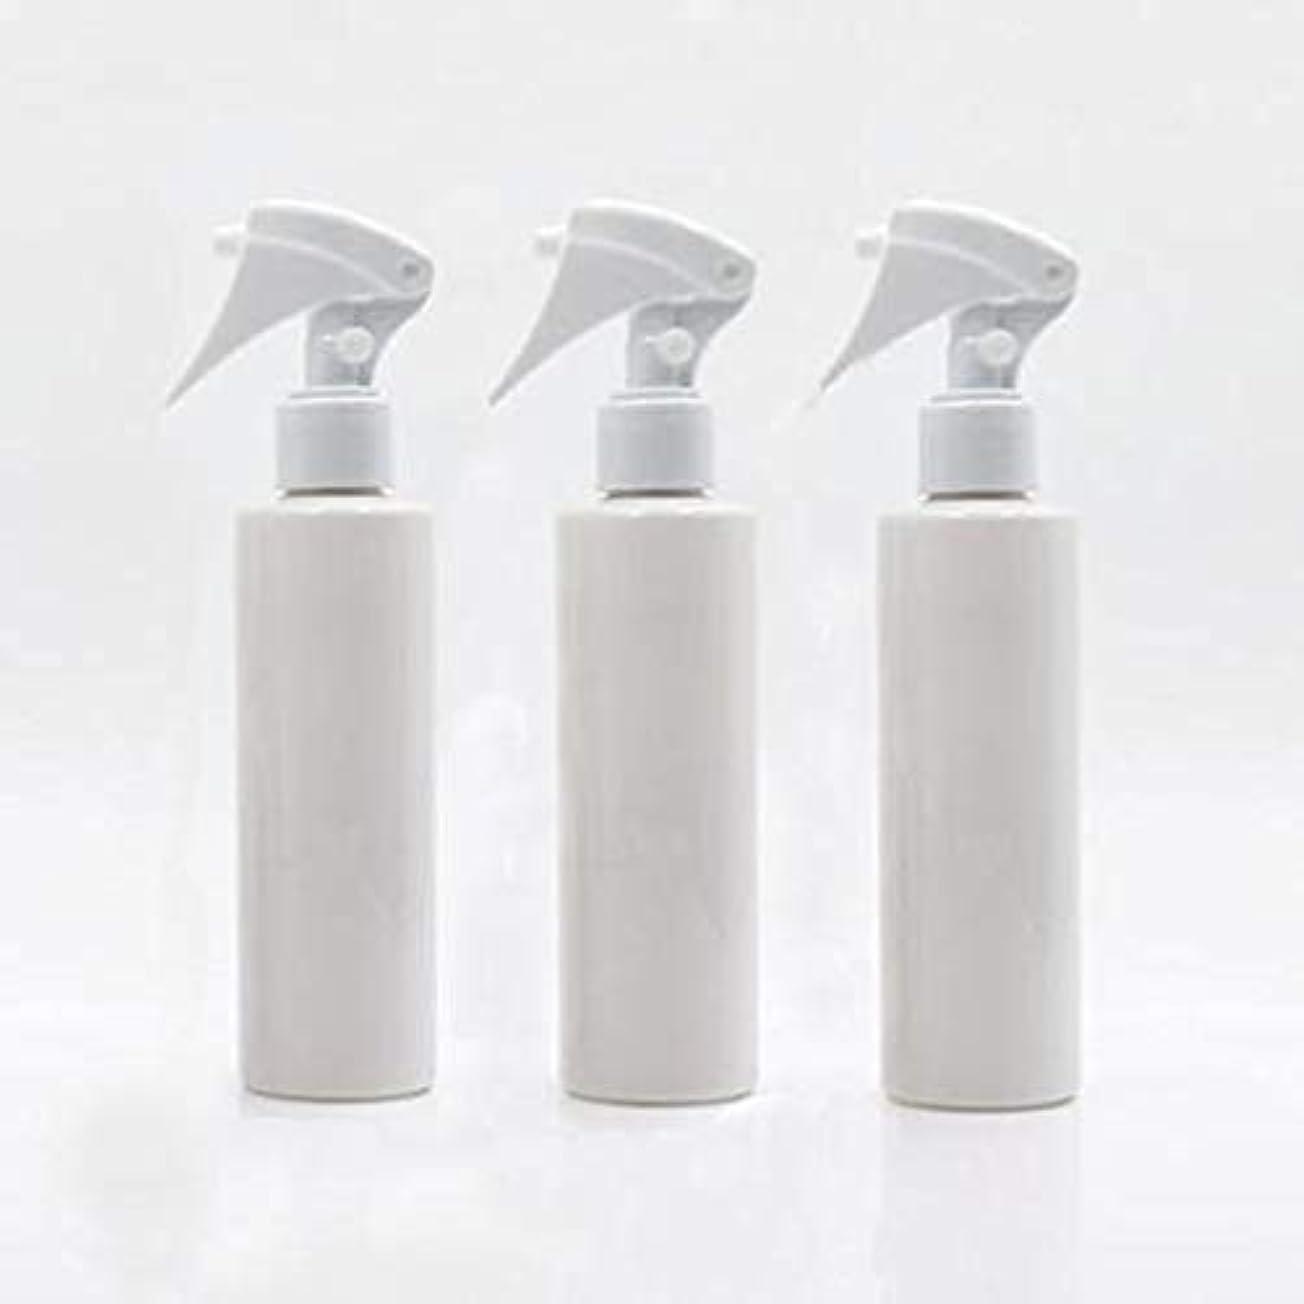 テレックス慣れる値するFlymylion 極細のミストを噴霧する スプレーボトル 詰め替え容器 200ml 3本セット (ホワイト)